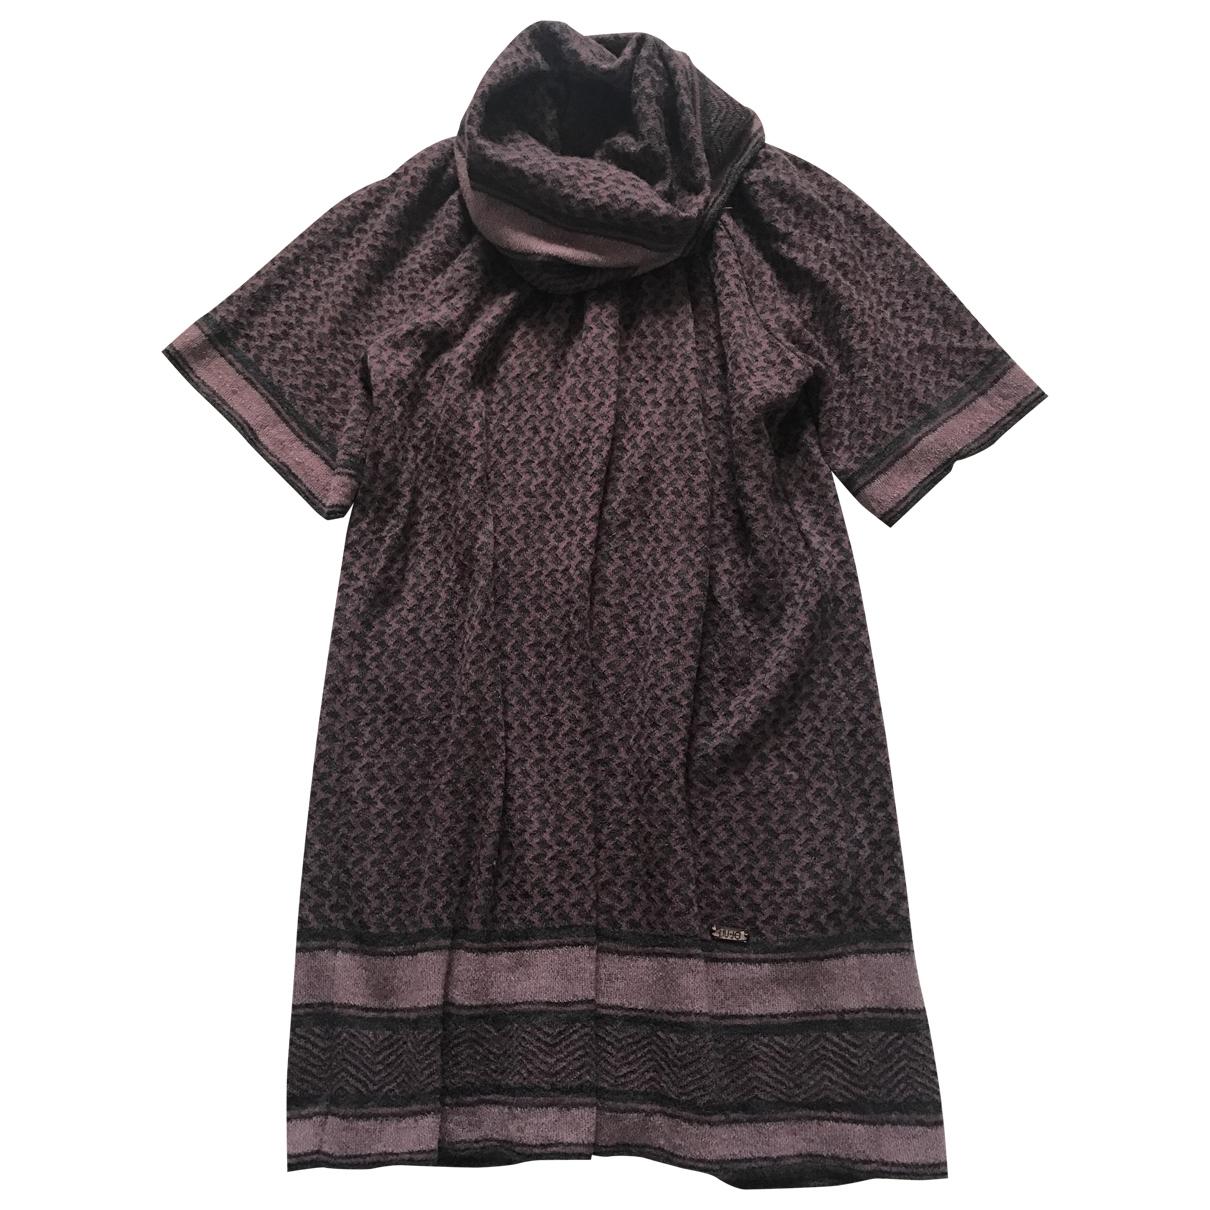 Liu.jo \N Wool dress for Women 42 IT